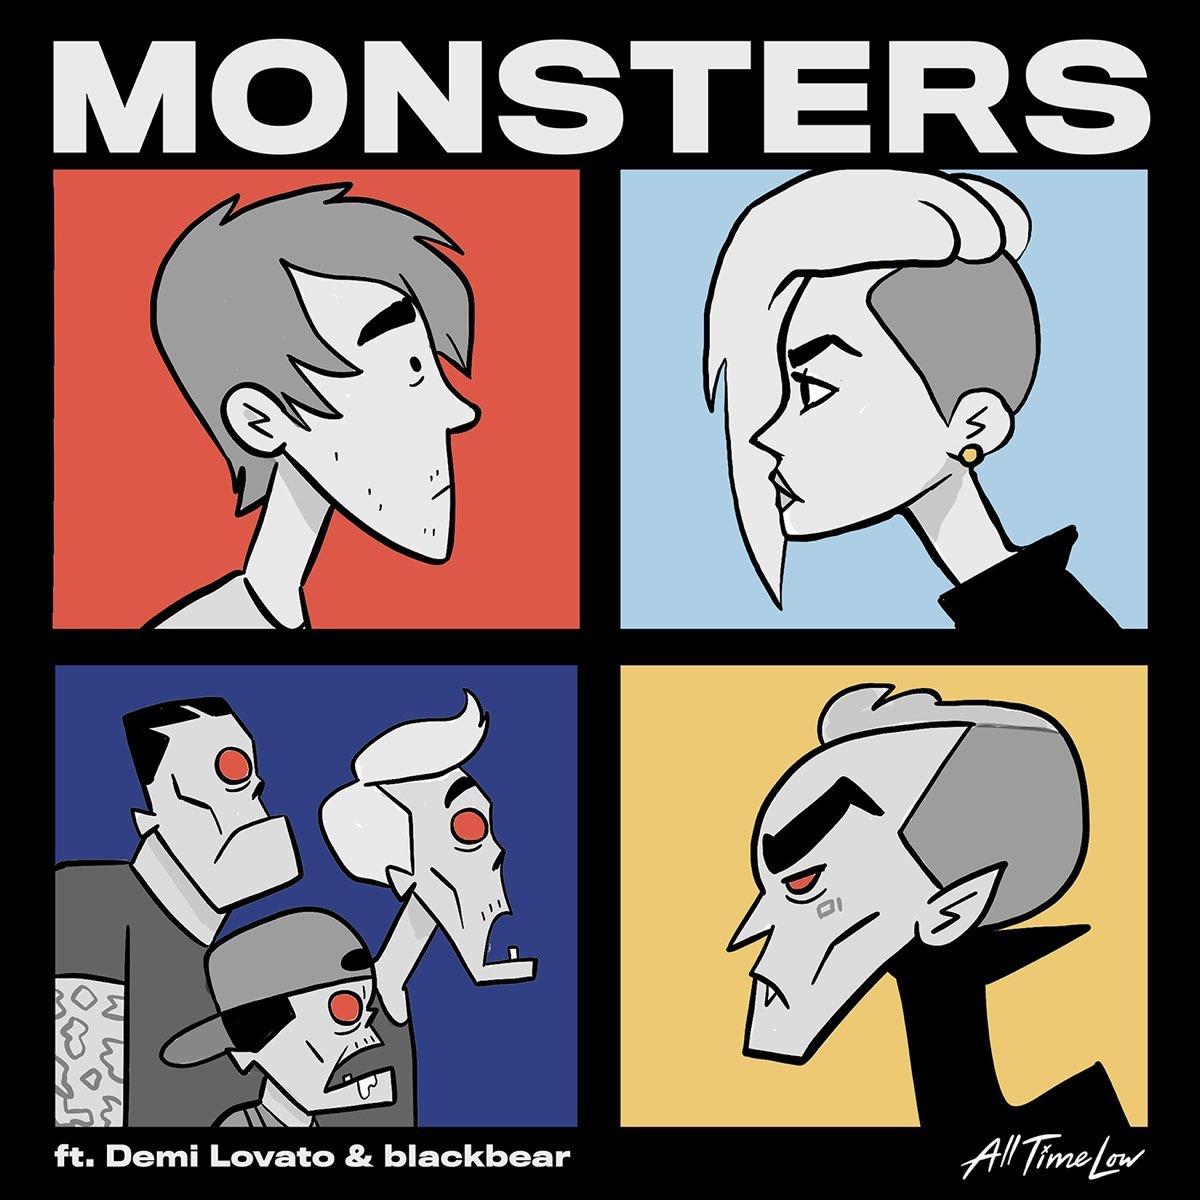 All Time Low - Monsters (Feat. Demi Lovato & blackbear)